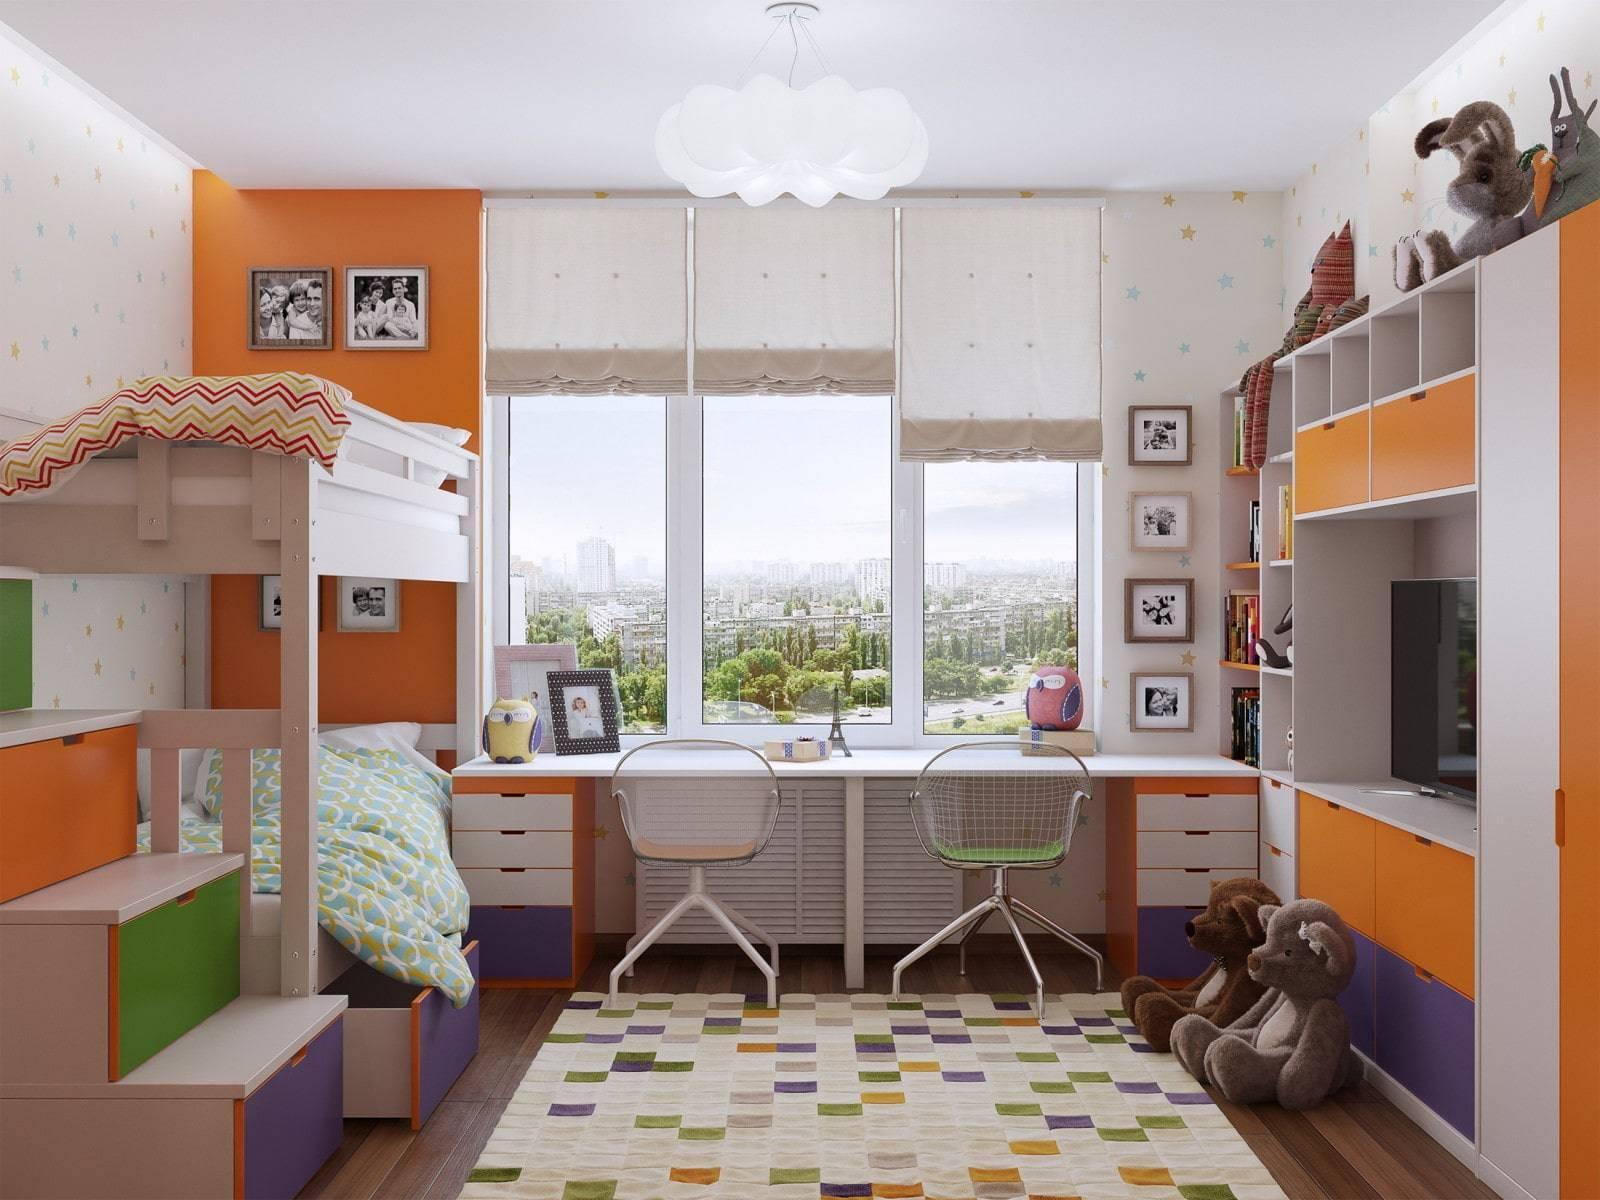 Гостиная и детская в одной комнате: как разделить на две зоны, зонирование